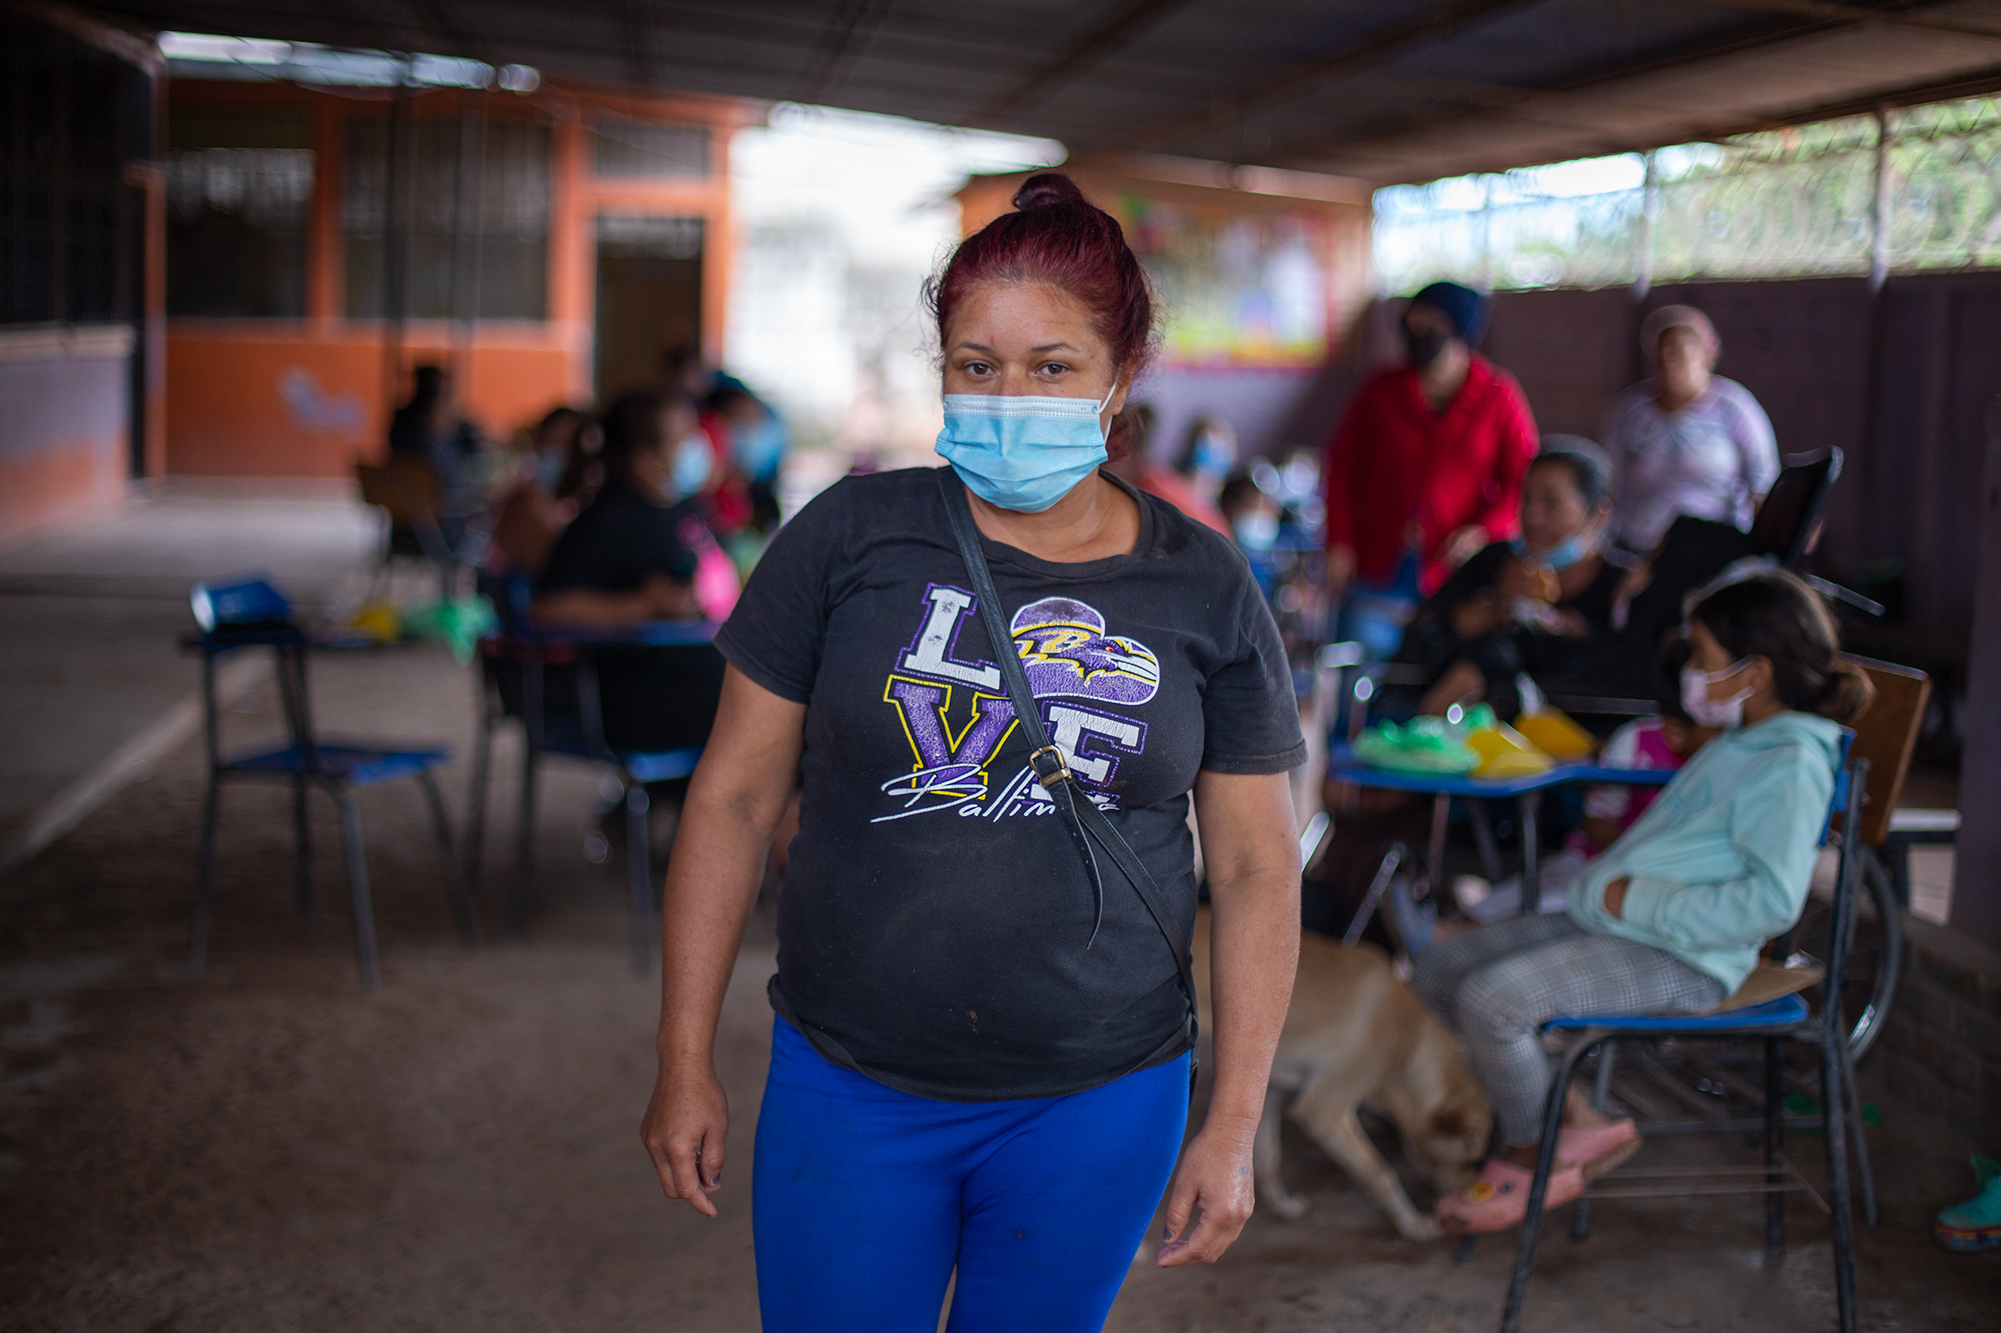 Marta de 42 años, es madre soltera de tres hijos y una nieta, ella y toda su familia han debido buscar refugio en el albergue de la Escuela 17 de septiembre en la colonia Nueva Suyapa de la capital hondureña. Marta sostiene a su familia de la venta de frutas que realiza de manera ambulante en el campus de la Universidad Nacional Autónoma de Honduras (UNAH), pero desde marzo la UNAH ha estado cerrada debido a las restricciones impuestas por el gobierno hondureño debido a al expansión de la Covid-19 en el país. Tegucigalpa, 5 de noviembre de 2020. Foto: Martín Cálix.